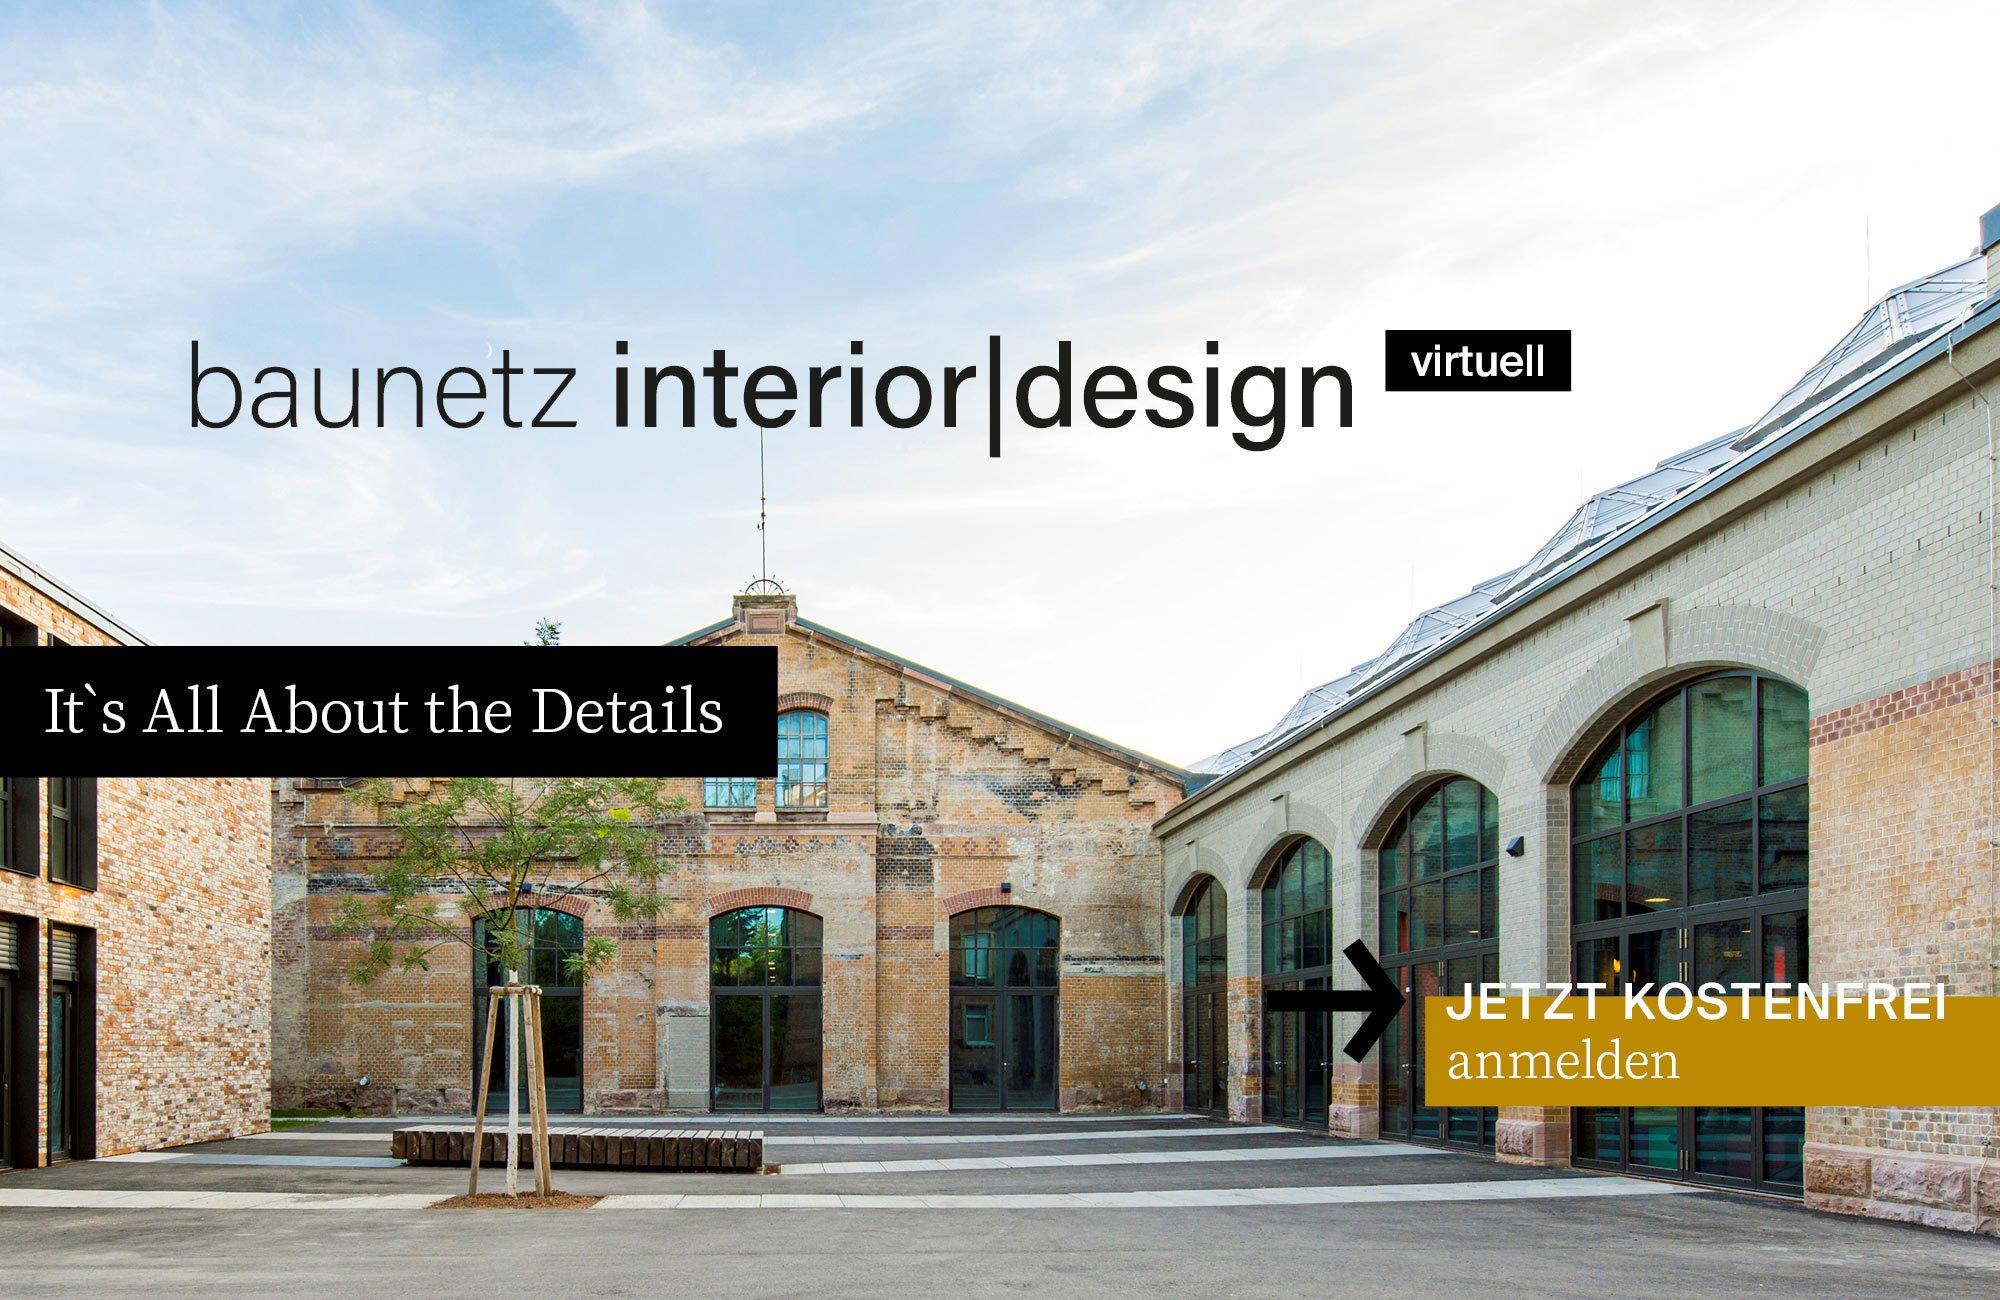 baunetz interior|design virtuell vom 10. bis 12. November